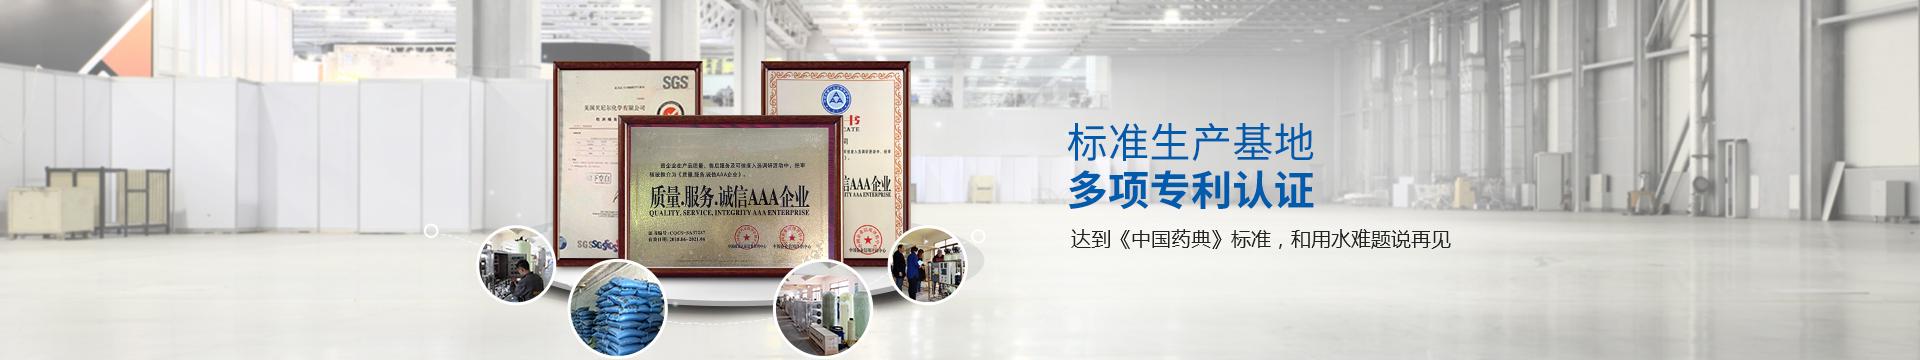 深圳起航环保科技